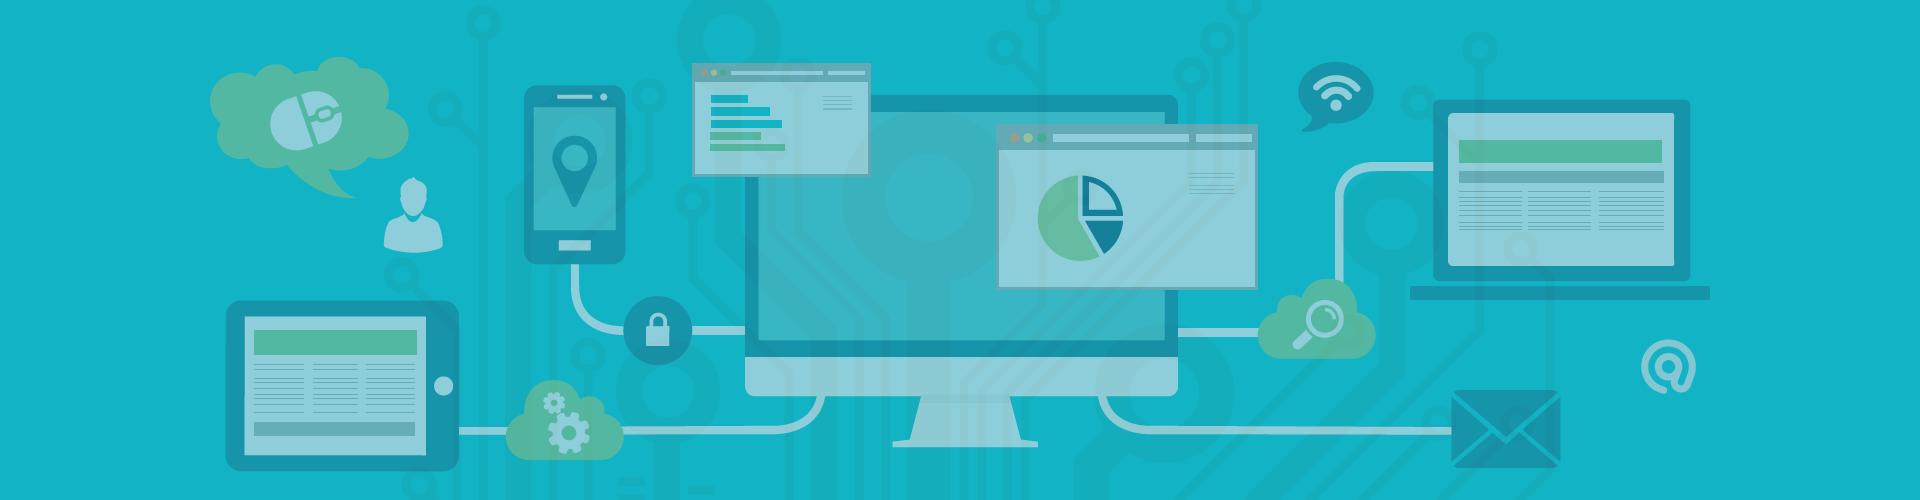 Как зарегистрировать свой домен и хостинг?